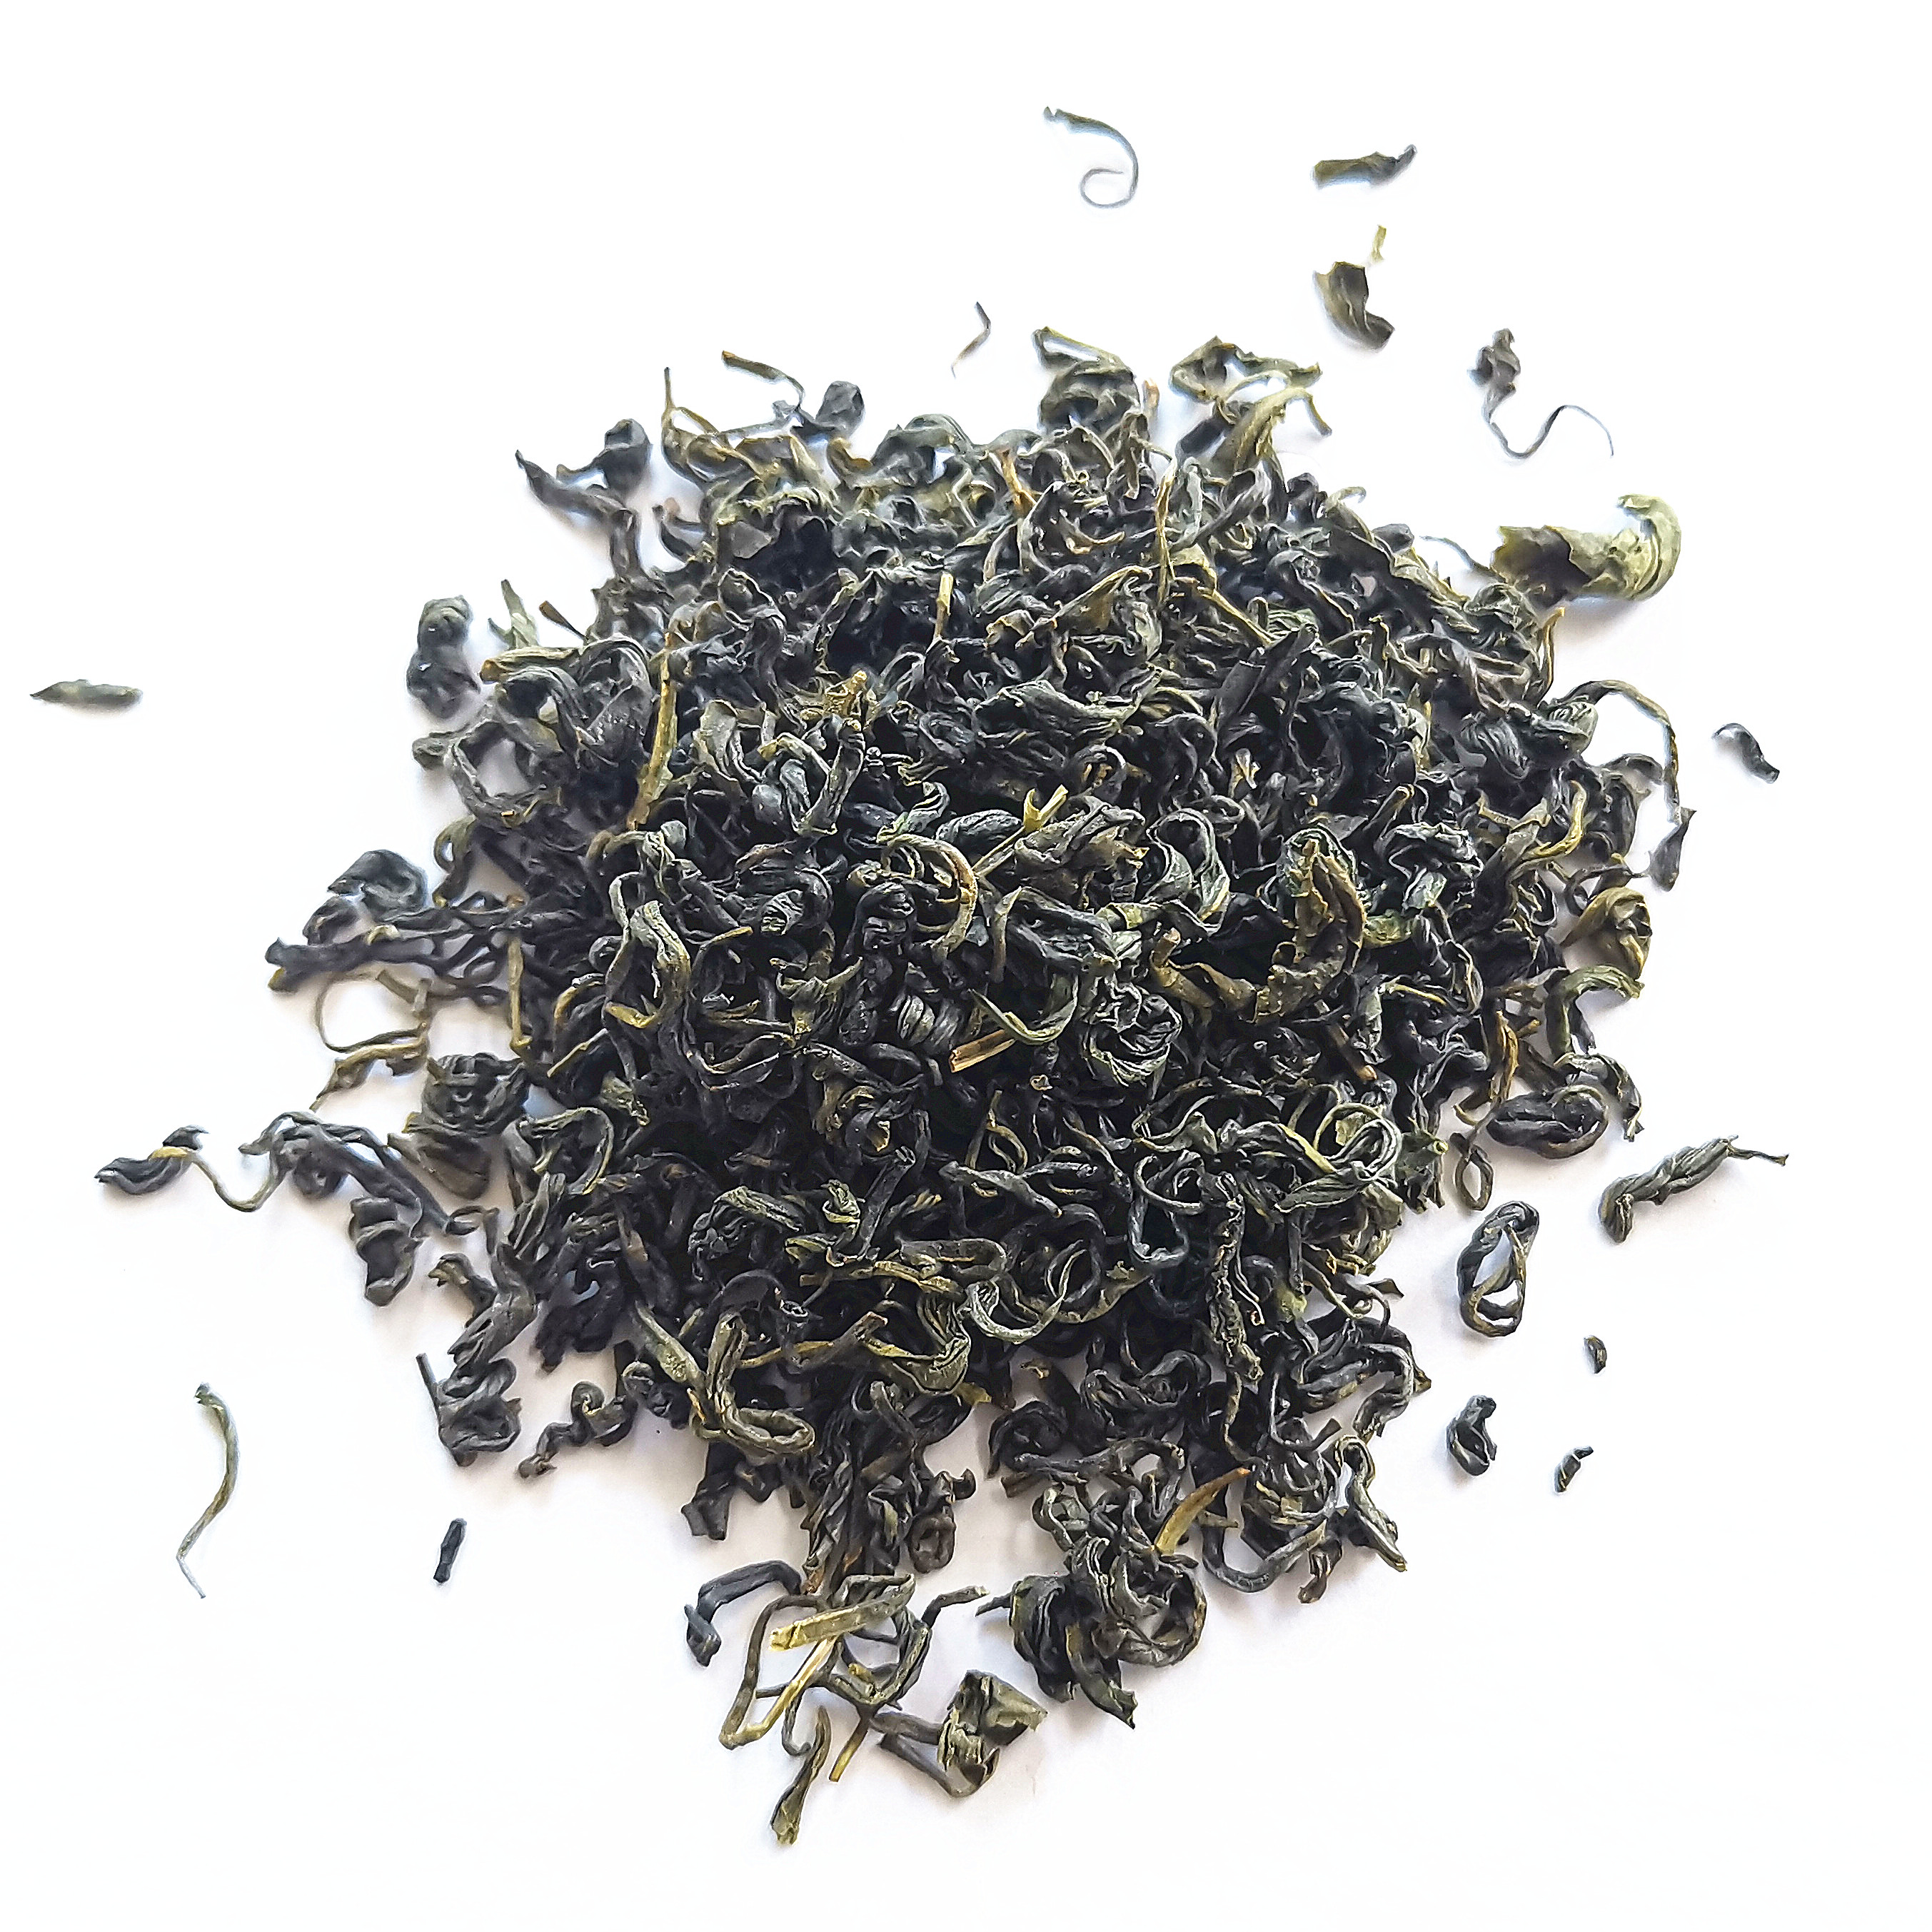 Tea shop leaf spring oil soluble green tea - 4uTea | 4uTea.com